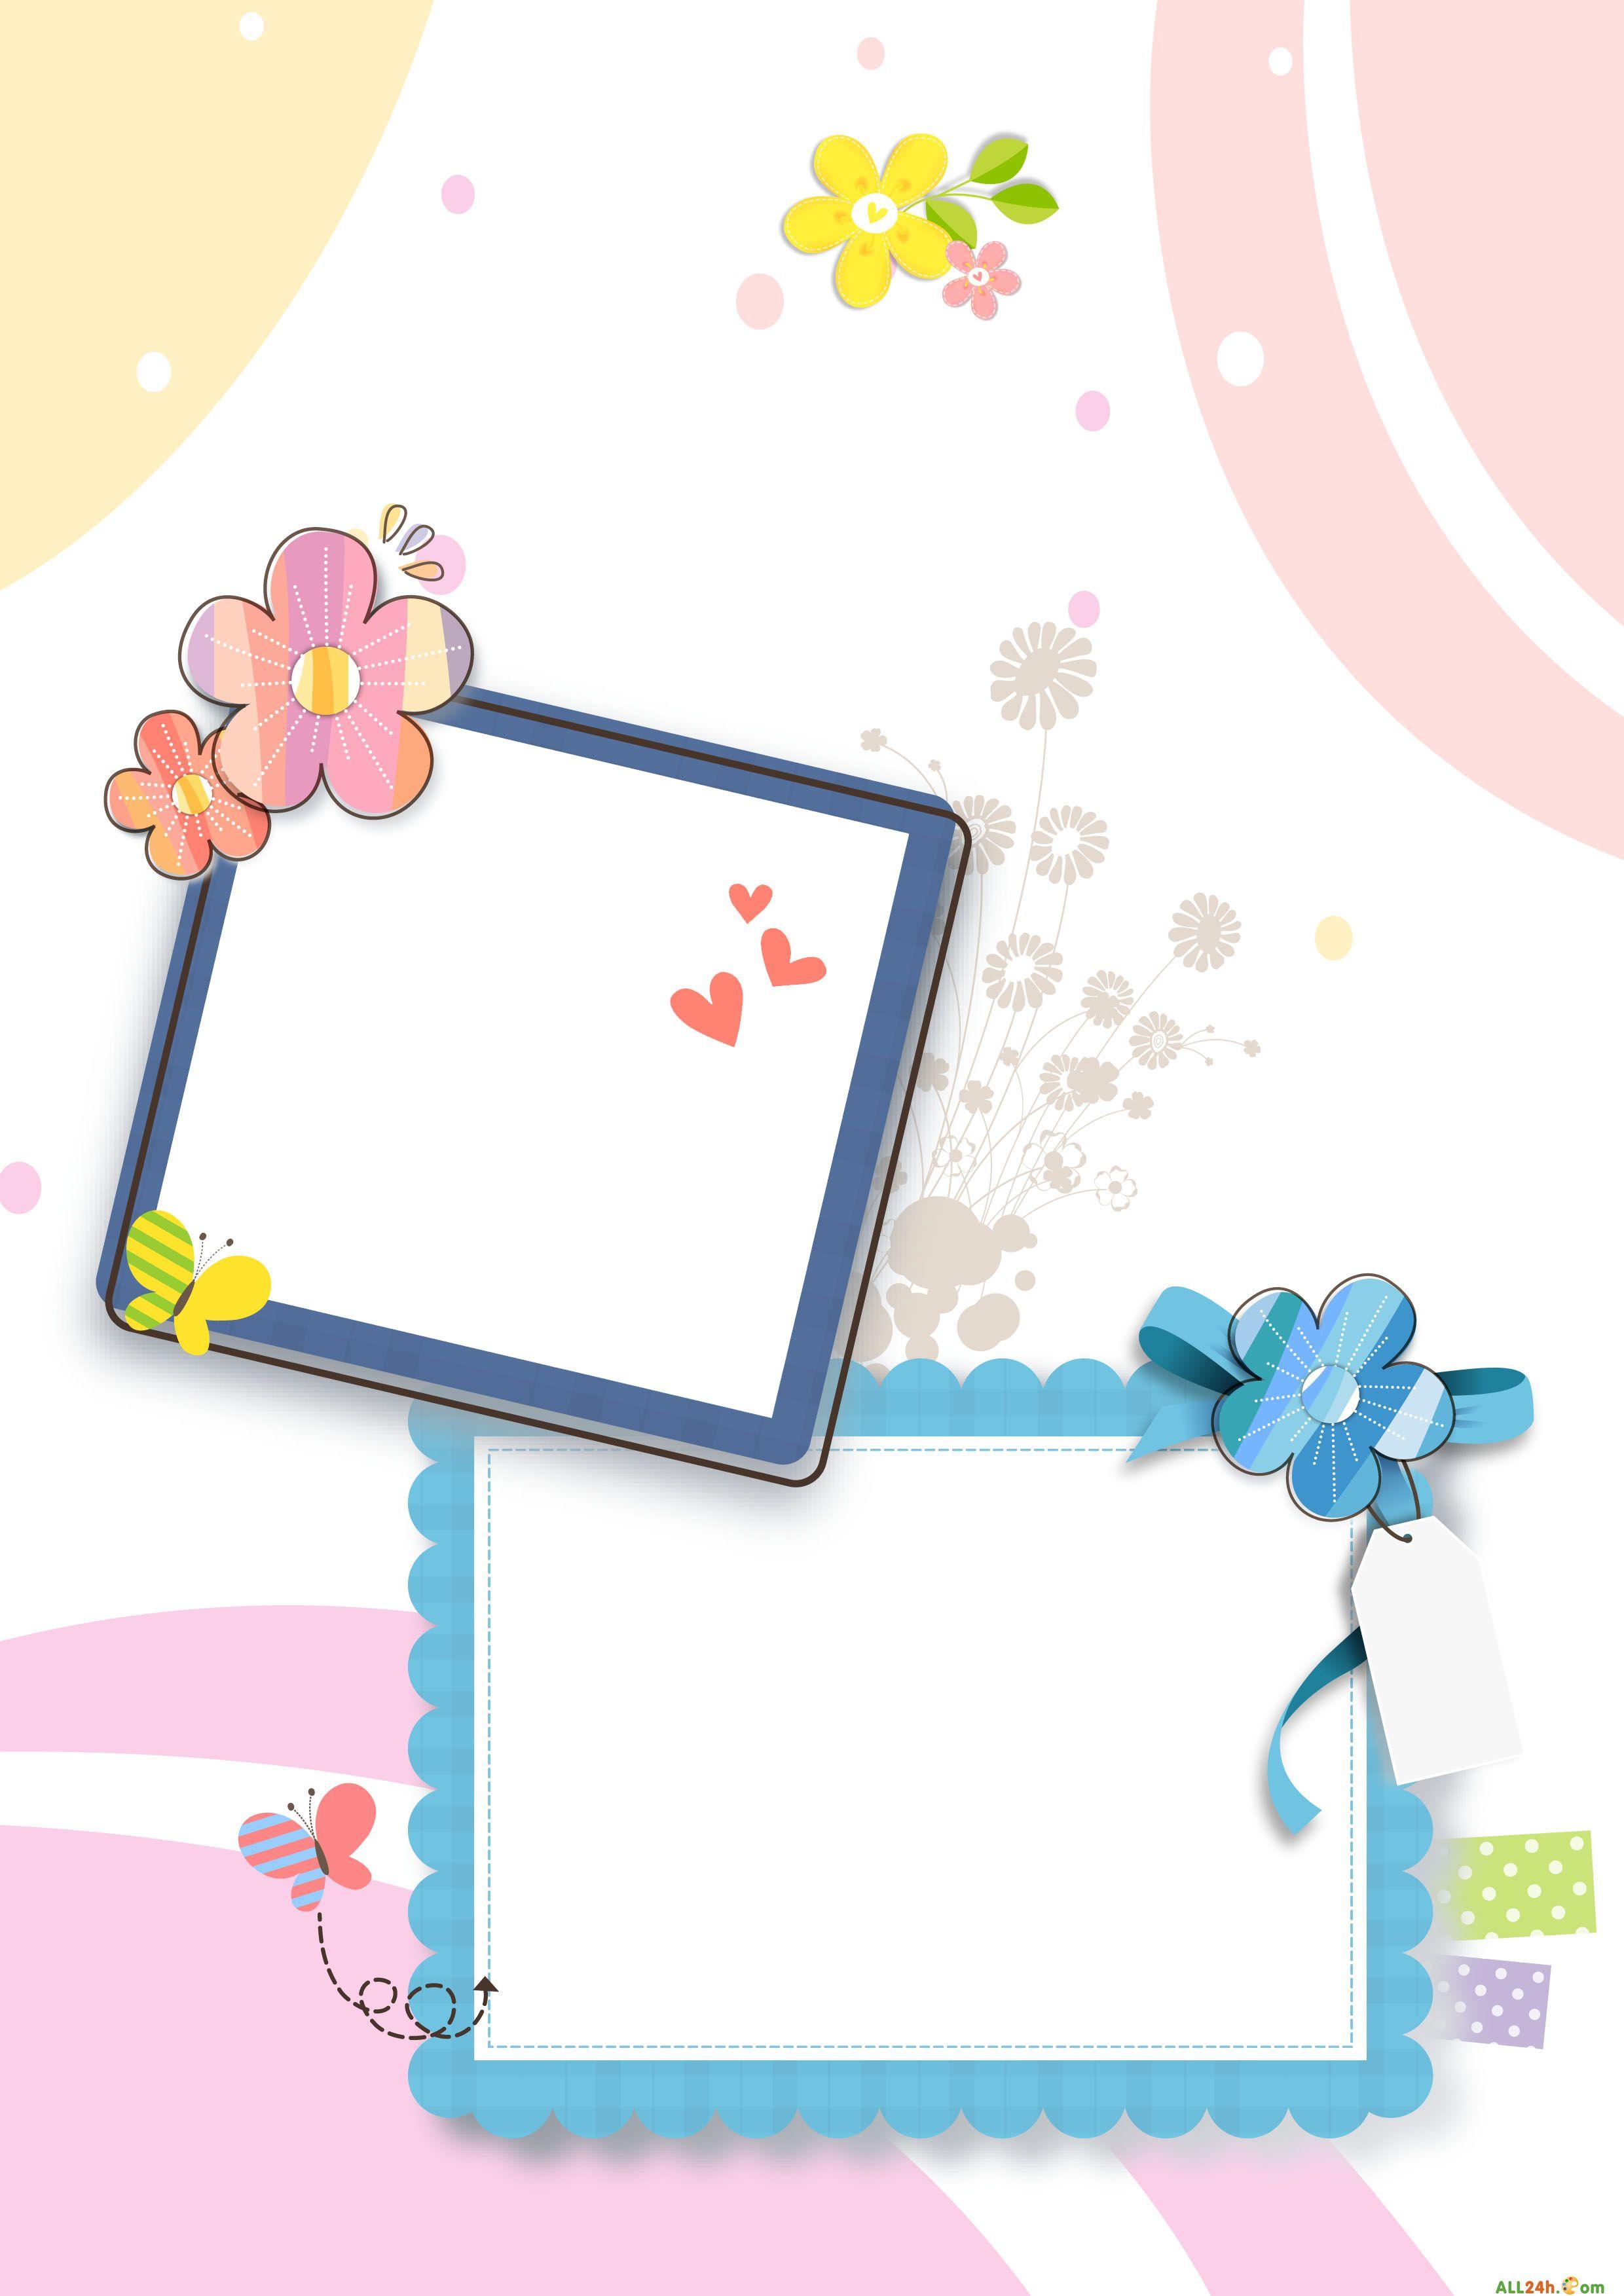 PSD - VIP - Khung nền hoa đẹp ghép ảnh khung cho bé   Diễn đàn đồ họa - Học thiết kế đồ họa   Photoshop24h